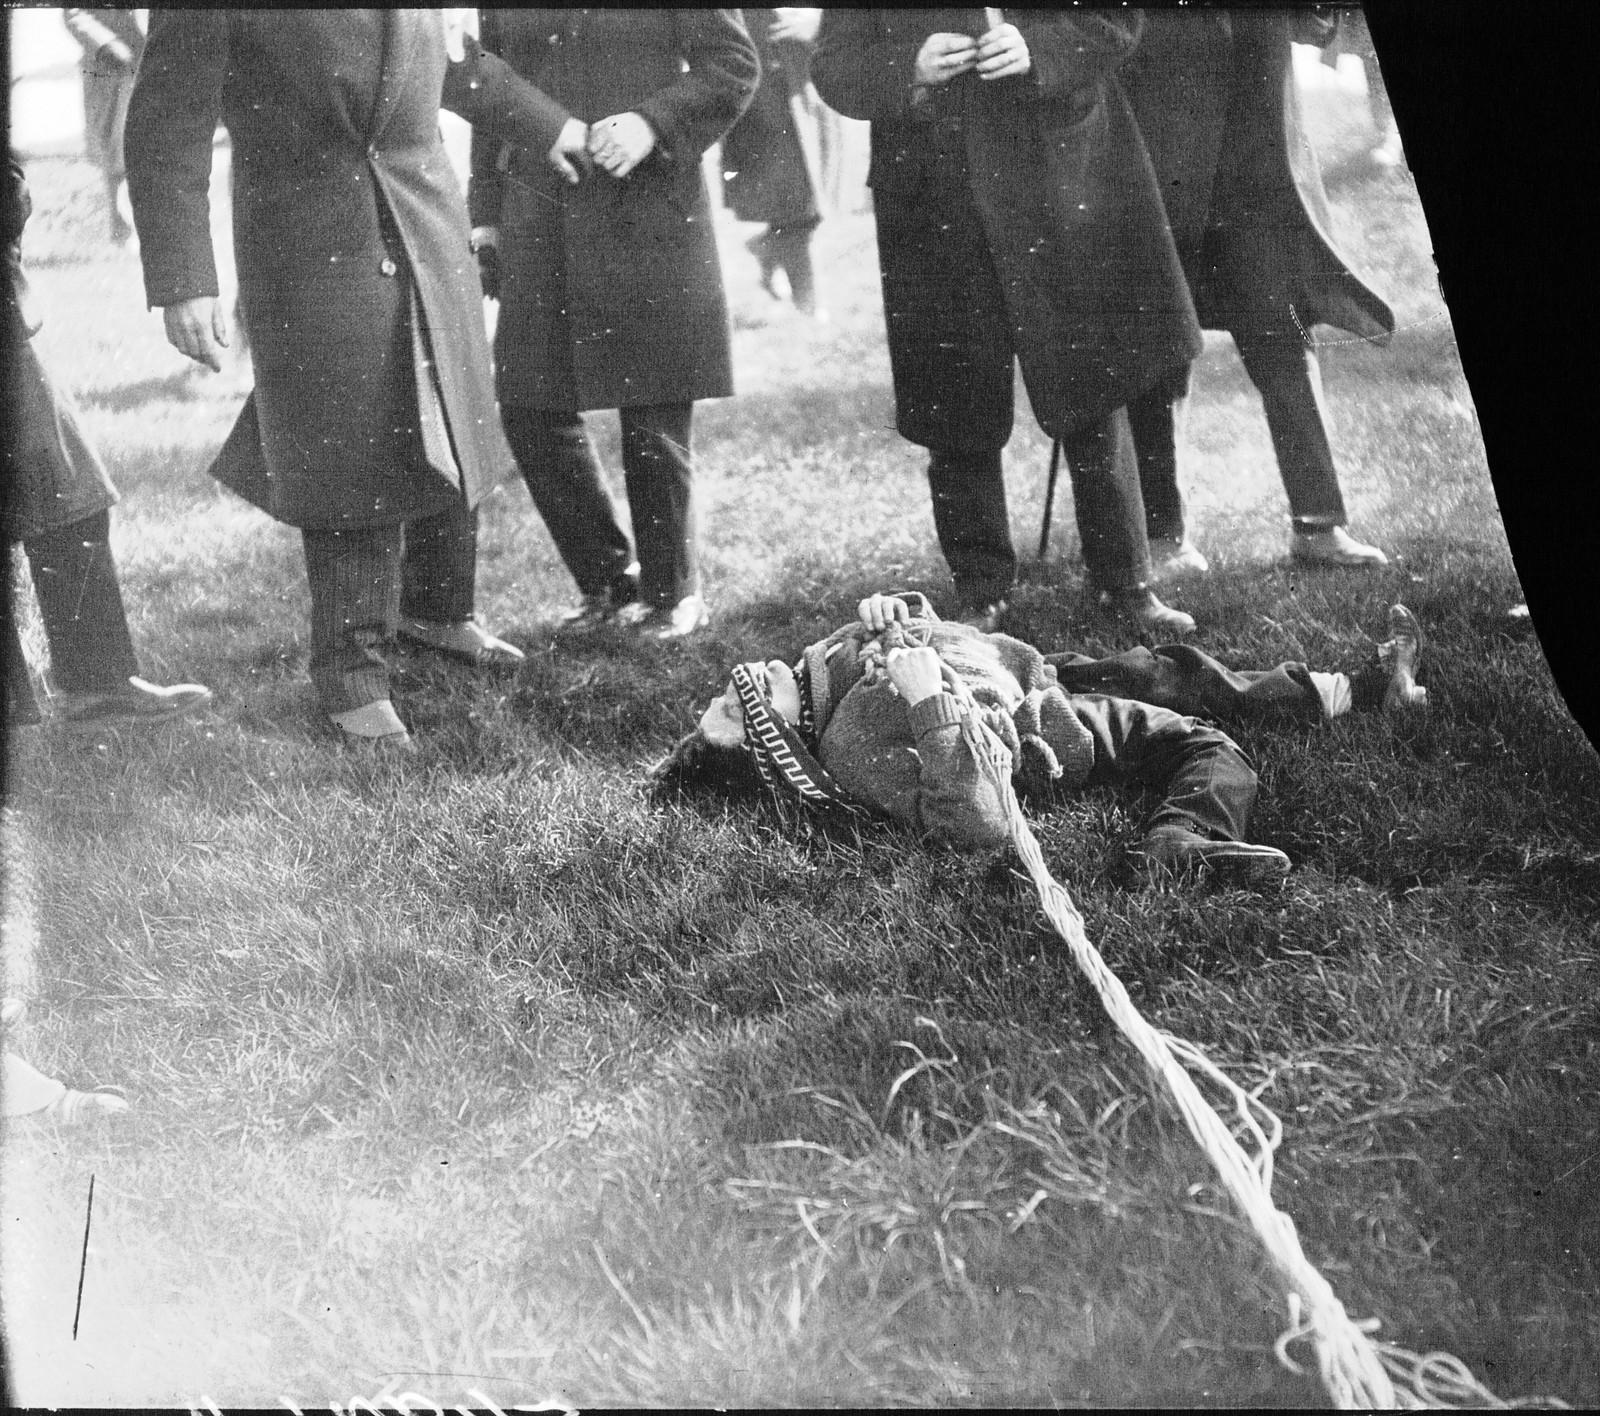 1928. Испытание нового парашюта на Эйфелевой башне. Марсель Гайо мертв